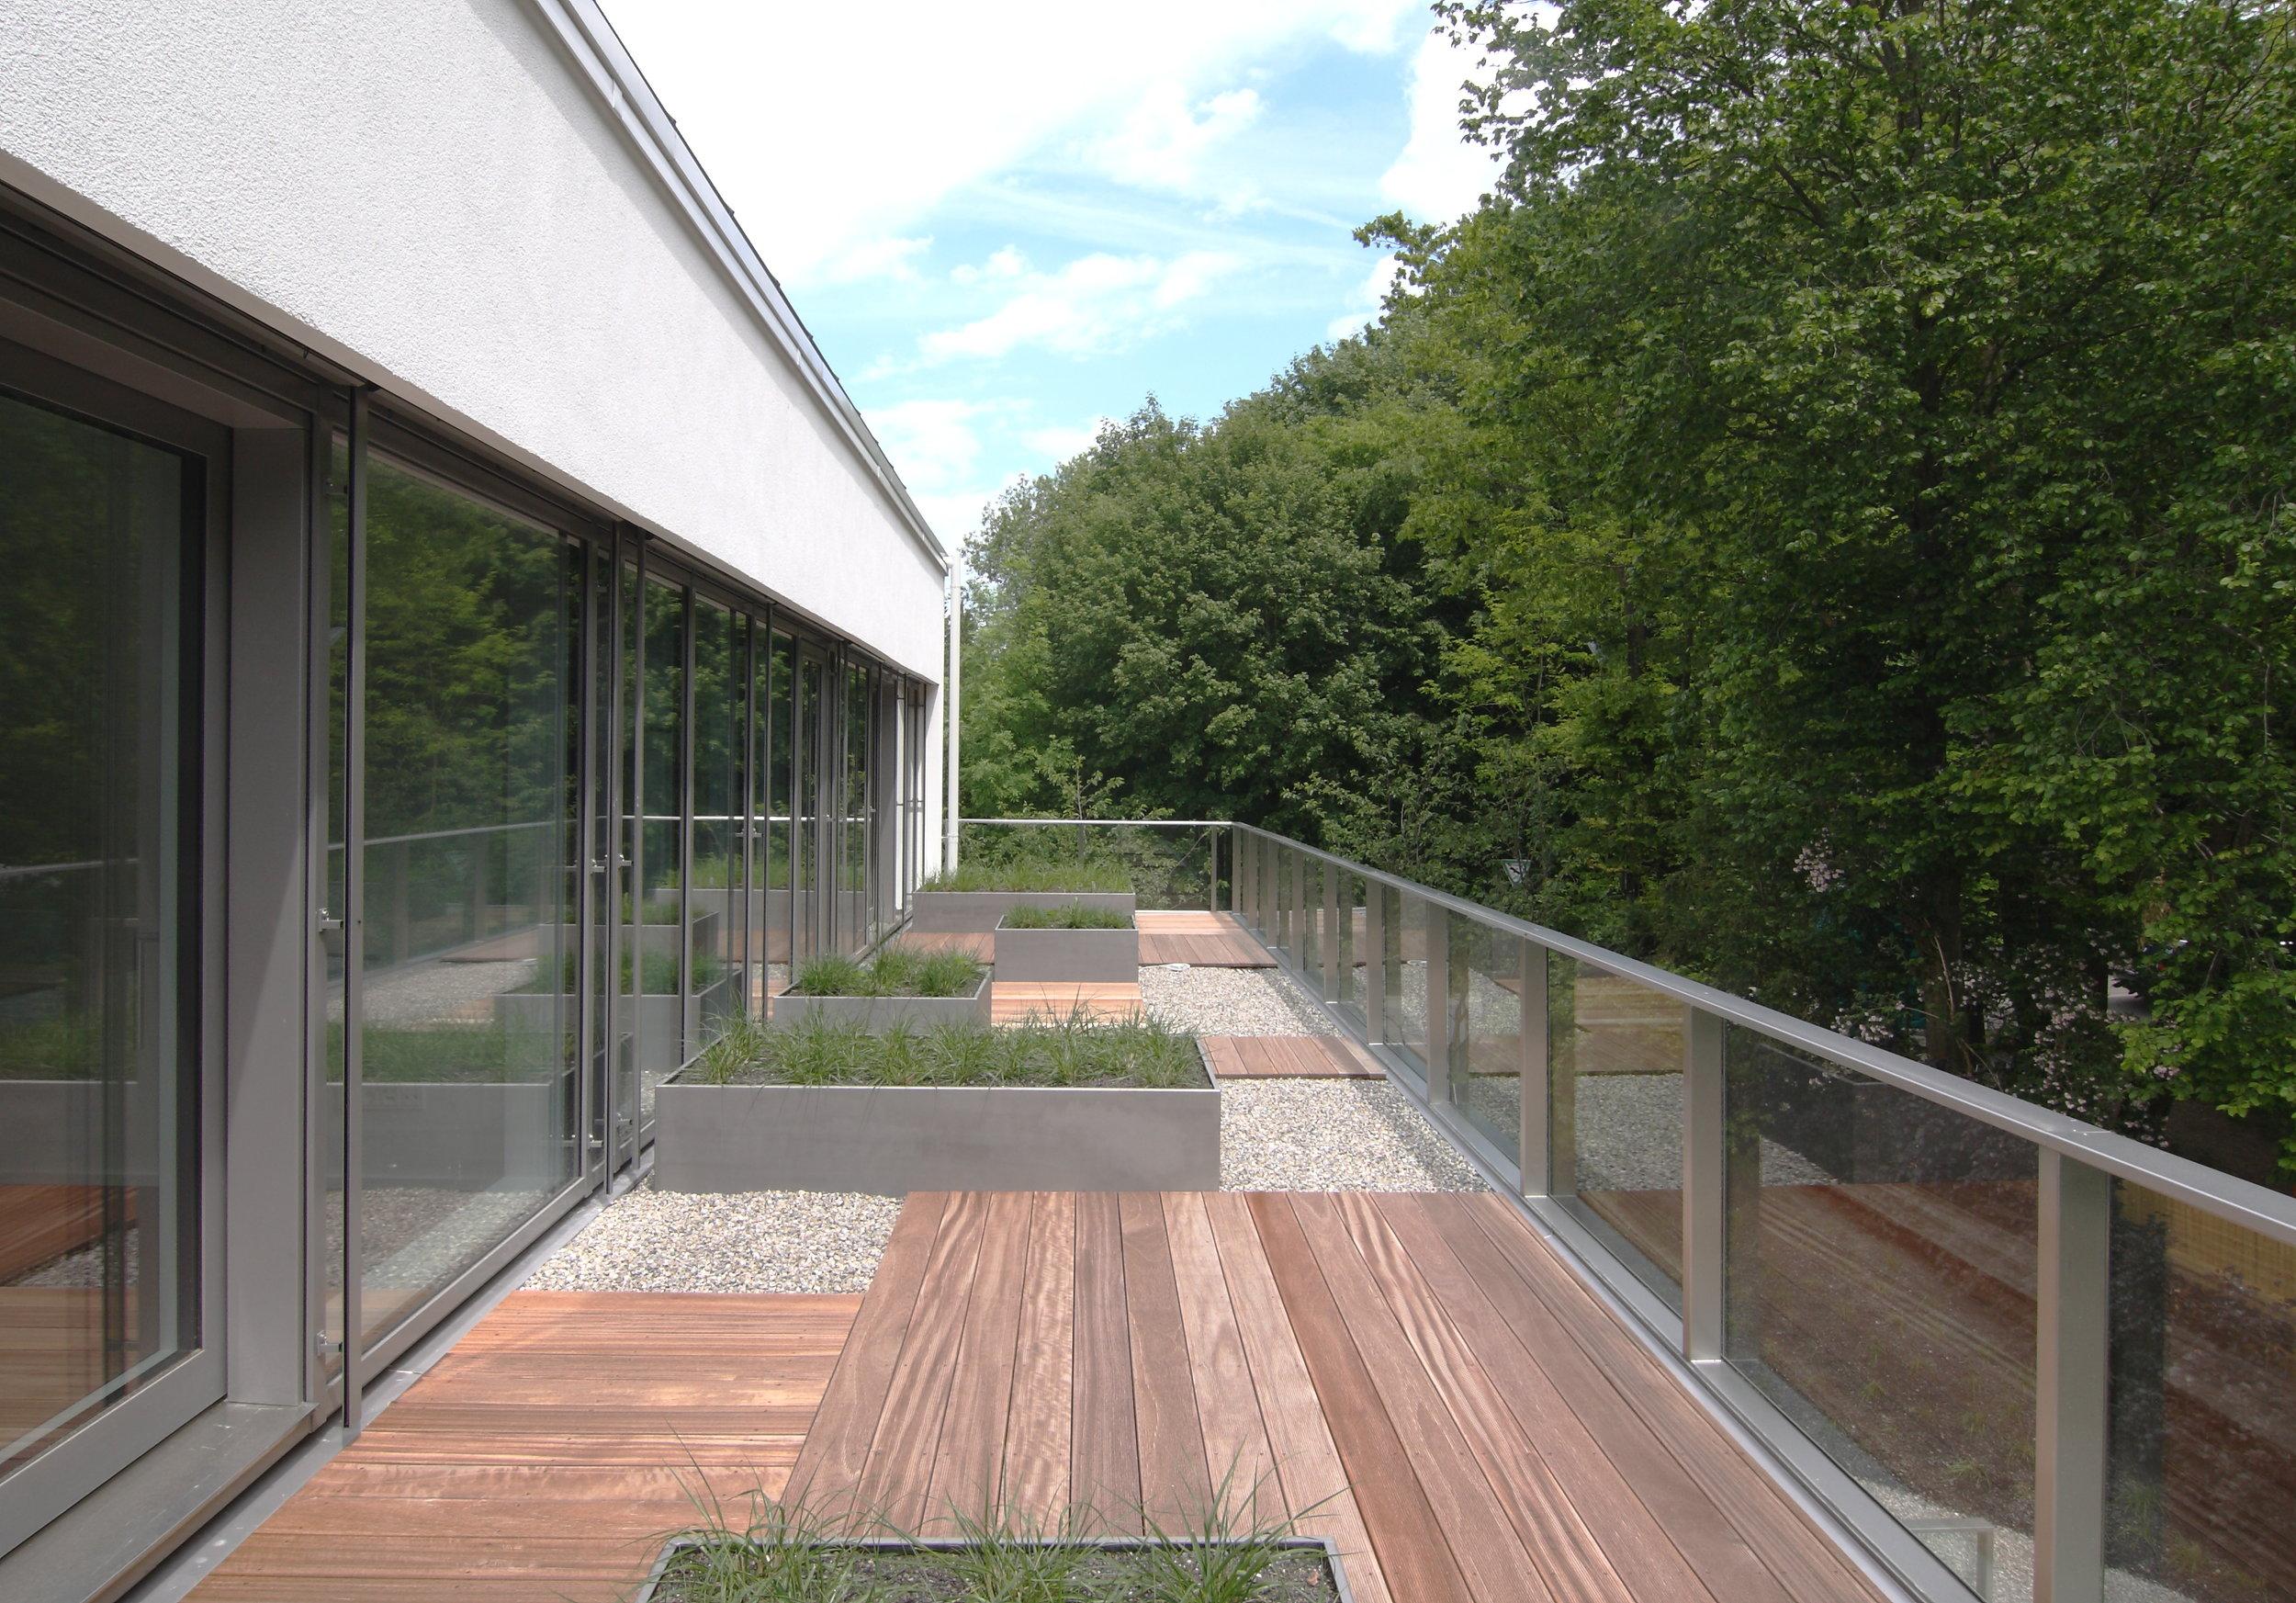 Cut   Belagwechsel unterbrechen die Terrasse und lassen Räume entstehen.